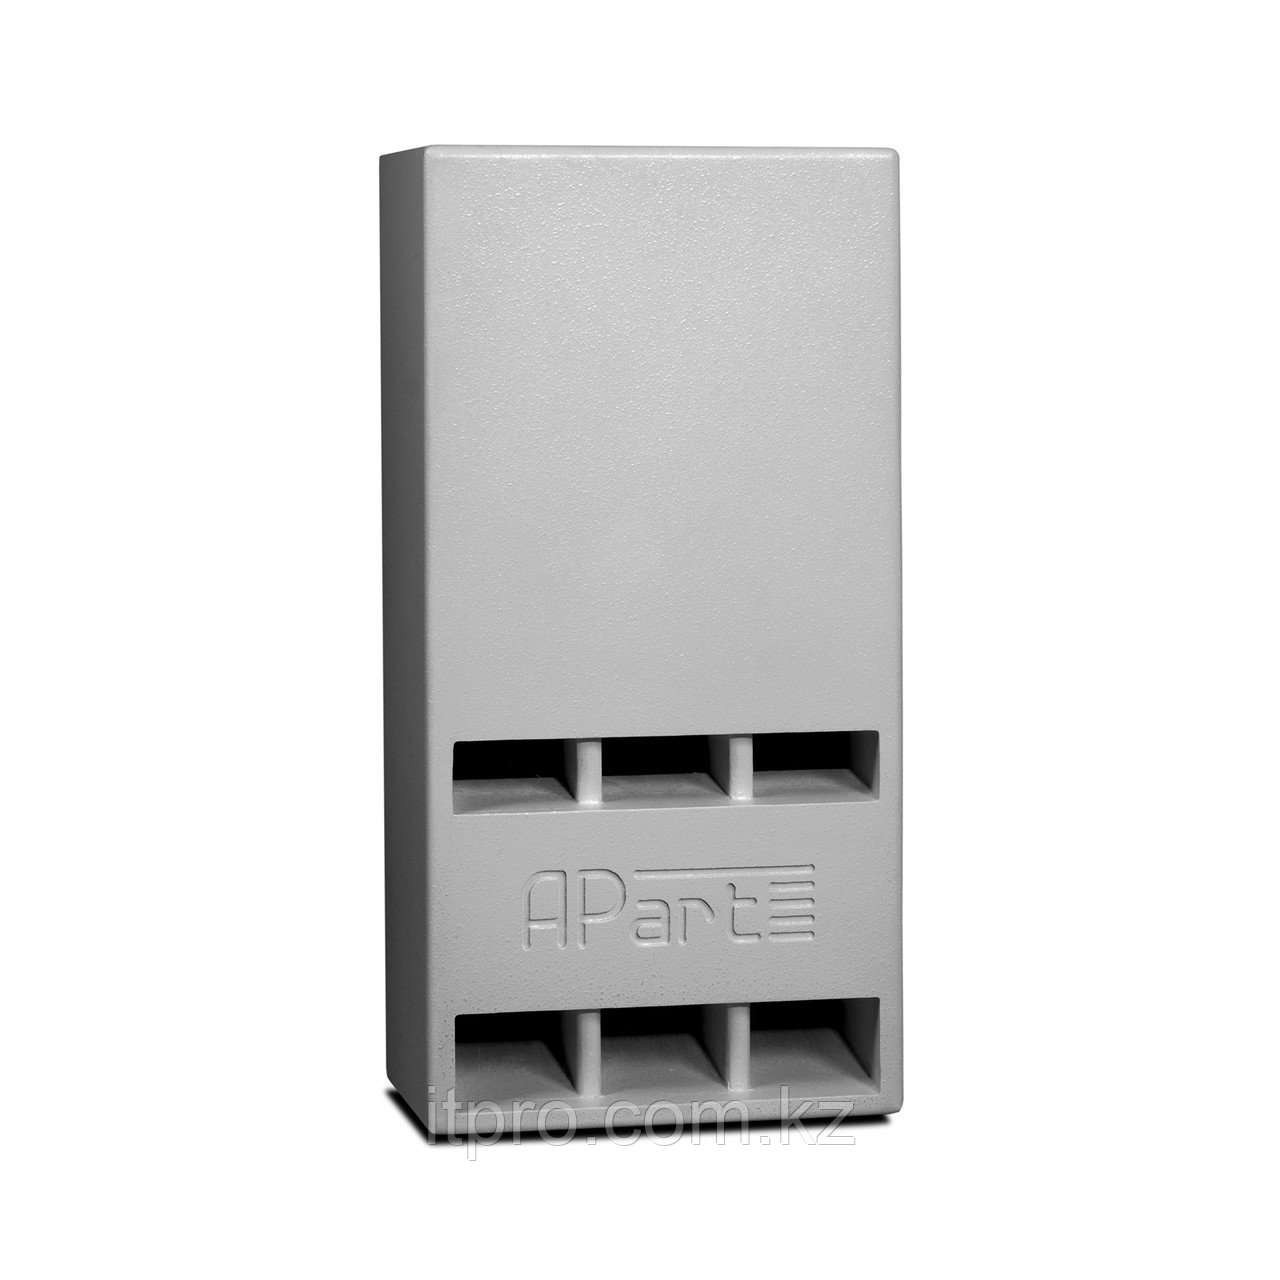 Пассивный сабвуфер Apart SUB2400-W, 2x400W